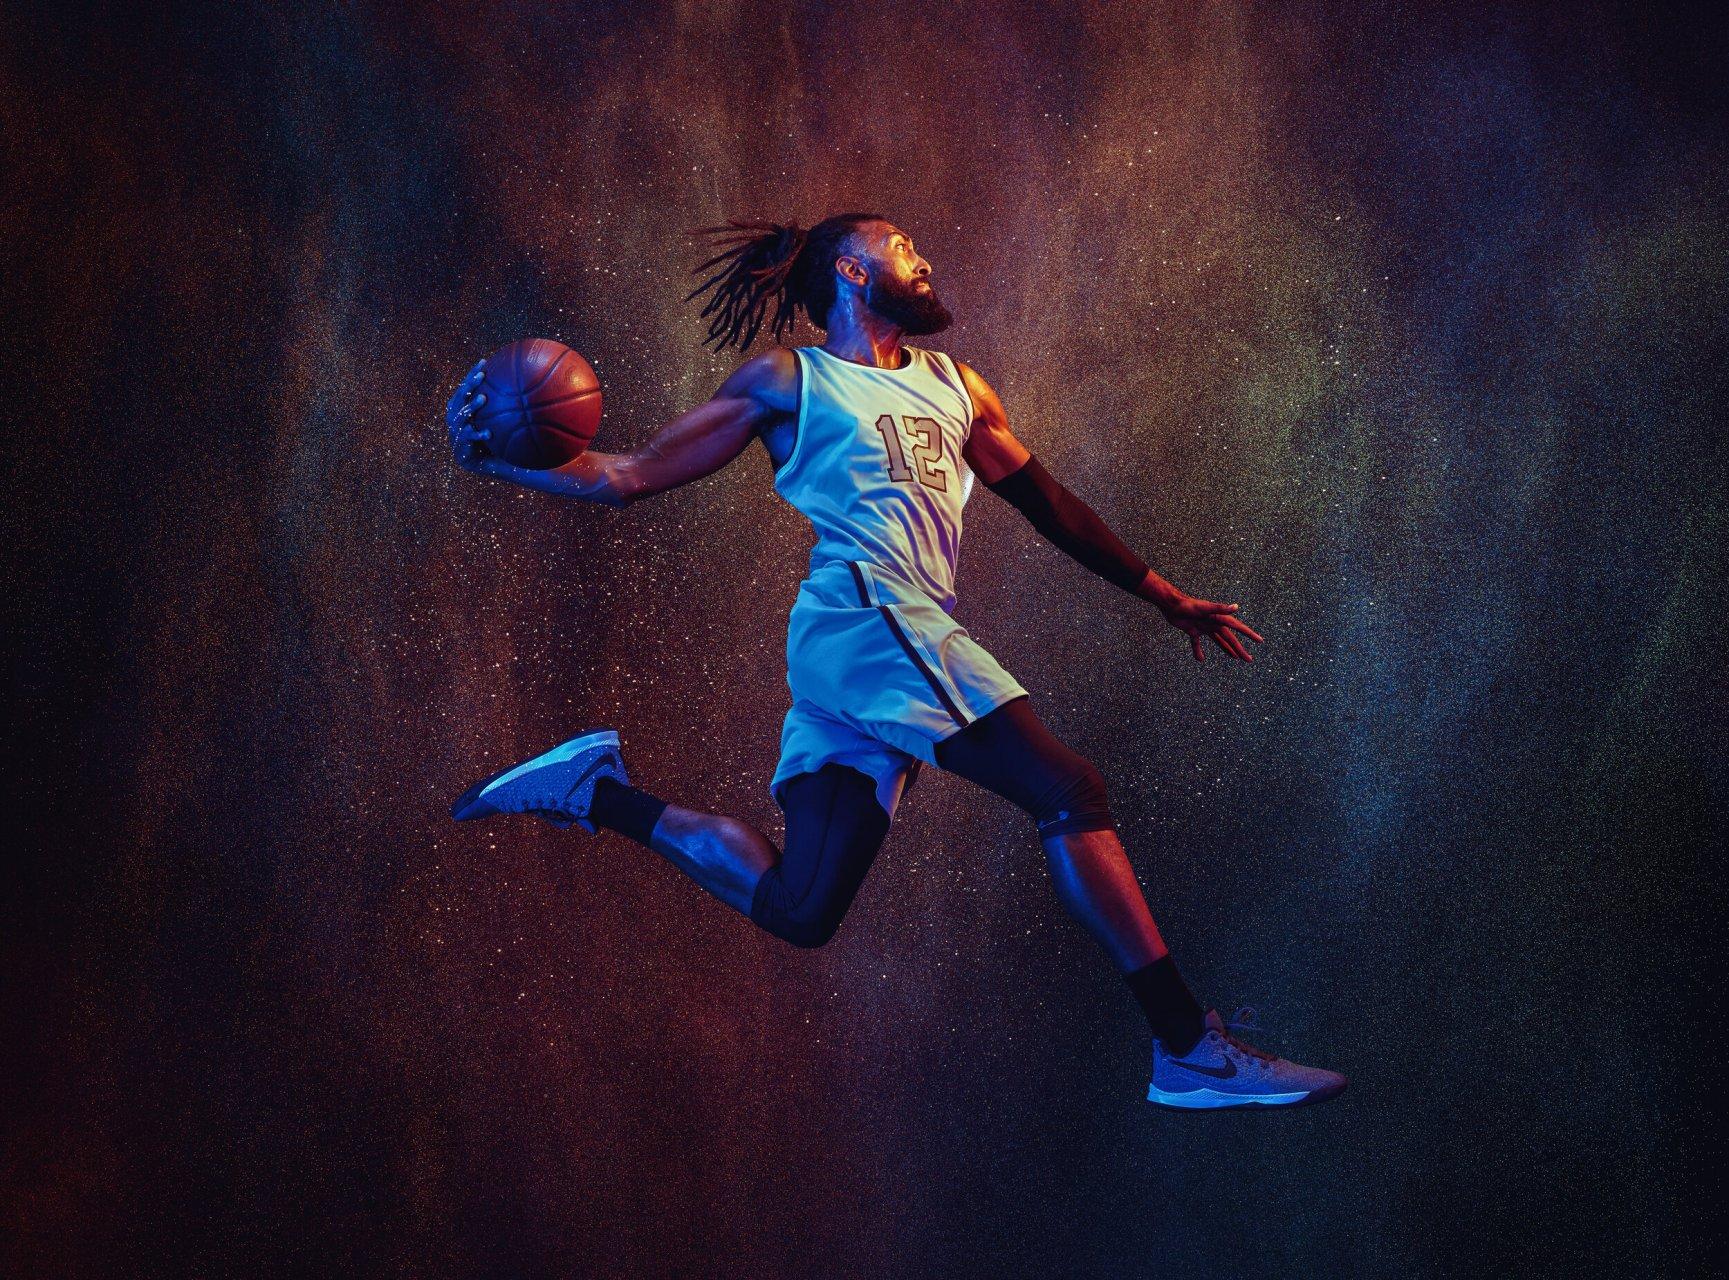 MGM_BET_Basketball_0708-r2